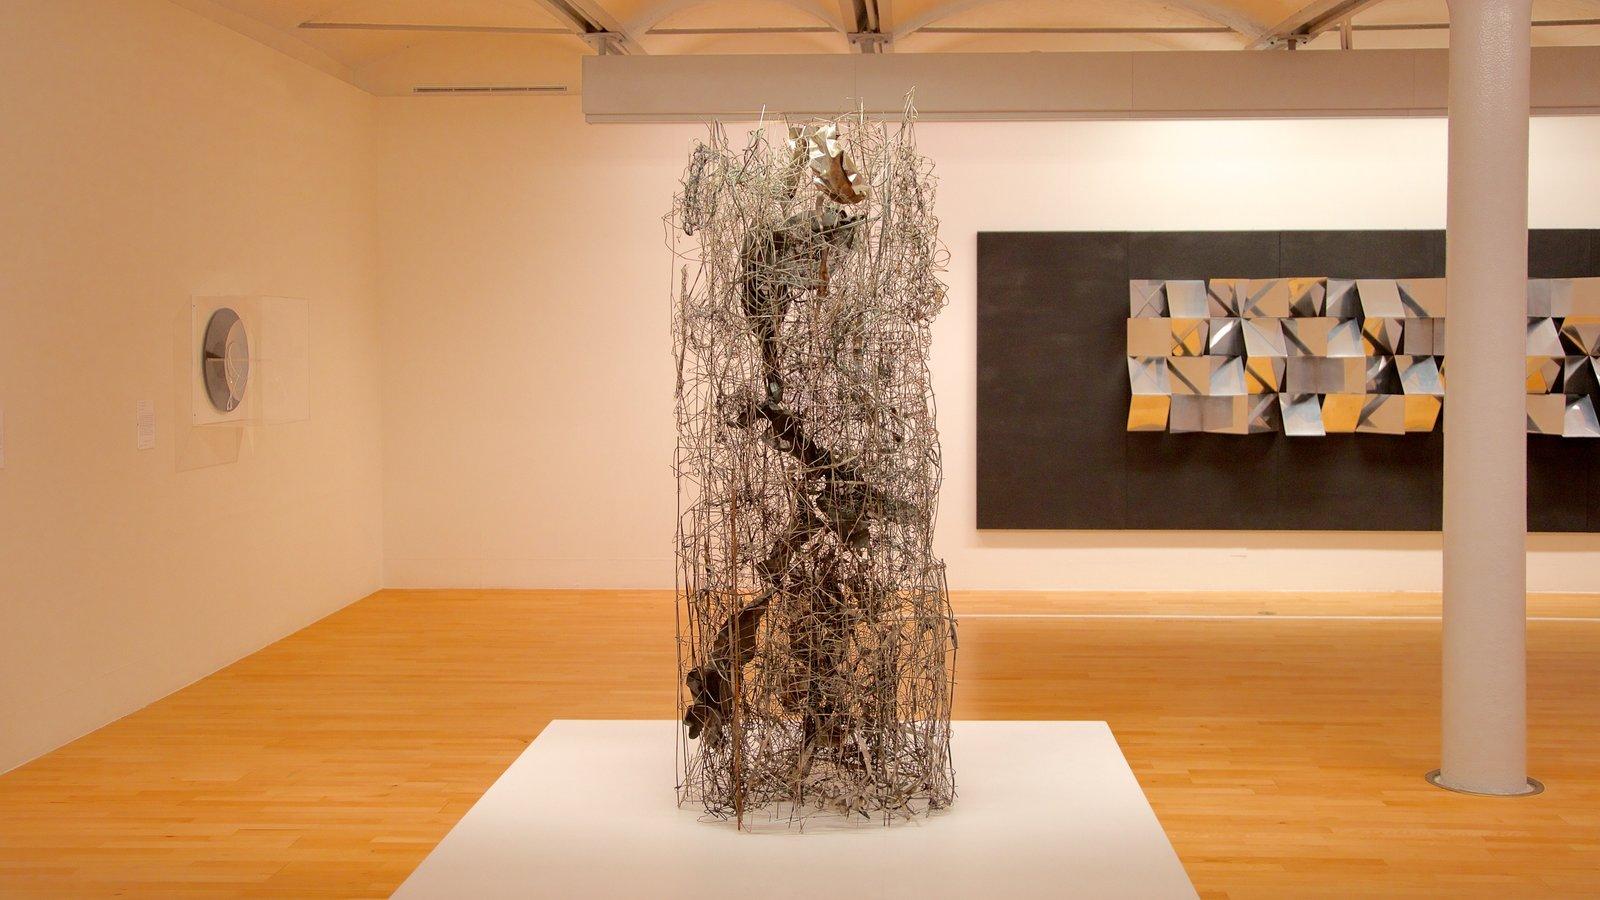 Tate Liverpool mostrando vistas interiores y arte